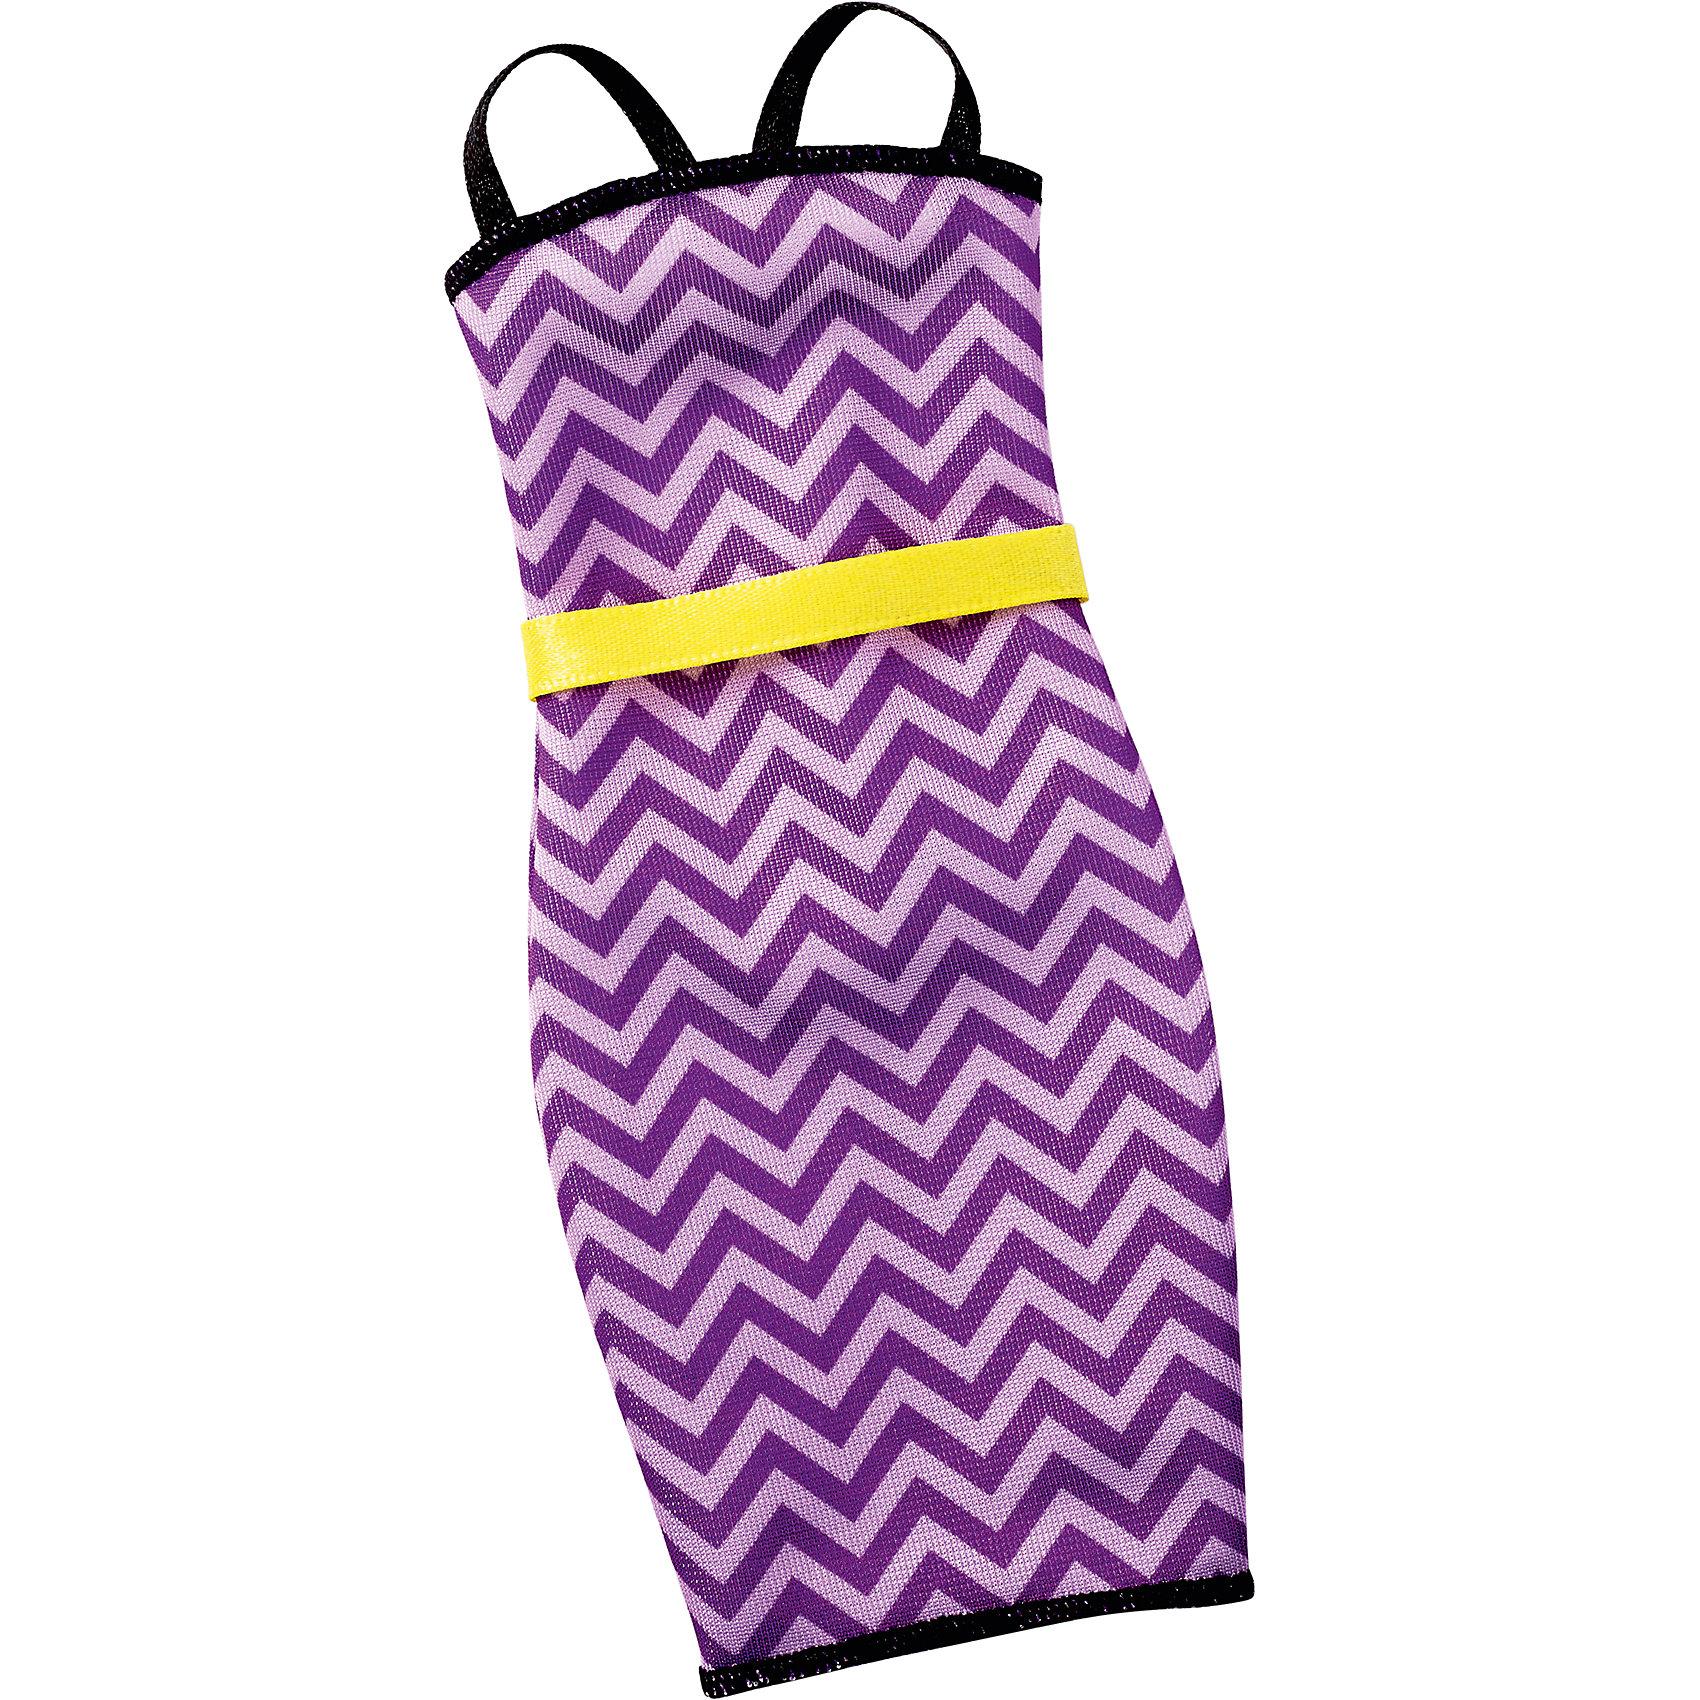 Универсальное платье для куклы (для всех типов фигур), BarbieBarbie<br>Характеристики товара:<br><br>• цвет: фиолетовый<br>• комплектация: 1 платье<br>• материал: текстиль<br>• ткань с принтом<br>• качественная обработка швов<br>• универсальное: для всех типов фигур<br>• возраст: от трех лет<br>• страна бренда: США<br><br>Это платье порадует маленьких любительниц кукол Barbie. Оно поможет создать новый образ своей кукле. Платье отлично сидит на разных модификациях Барби, оно прекрасно обработано! Такой наряд станет желанным подарком для девочек, которые следят за модными тенденциями.<br><br>Игры с куклами помогают развить у девочек вкус и чувство стиля, отработать сценарии поведения в обществе, развить воображение и мелкую моторику. Барби от бренда Mattel не перестает быть популярной! <br><br>Универсальное платье для куклы (для всех типов фигур), Barbie, от компании Mattel можно купить в нашем интернет-магазине.<br><br>Ширина мм: 263<br>Глубина мм: 78<br>Высота мм: 16<br>Вес г: 10<br>Возраст от месяцев: 36<br>Возраст до месяцев: 72<br>Пол: Женский<br>Возраст: Детский<br>SKU: 5389692